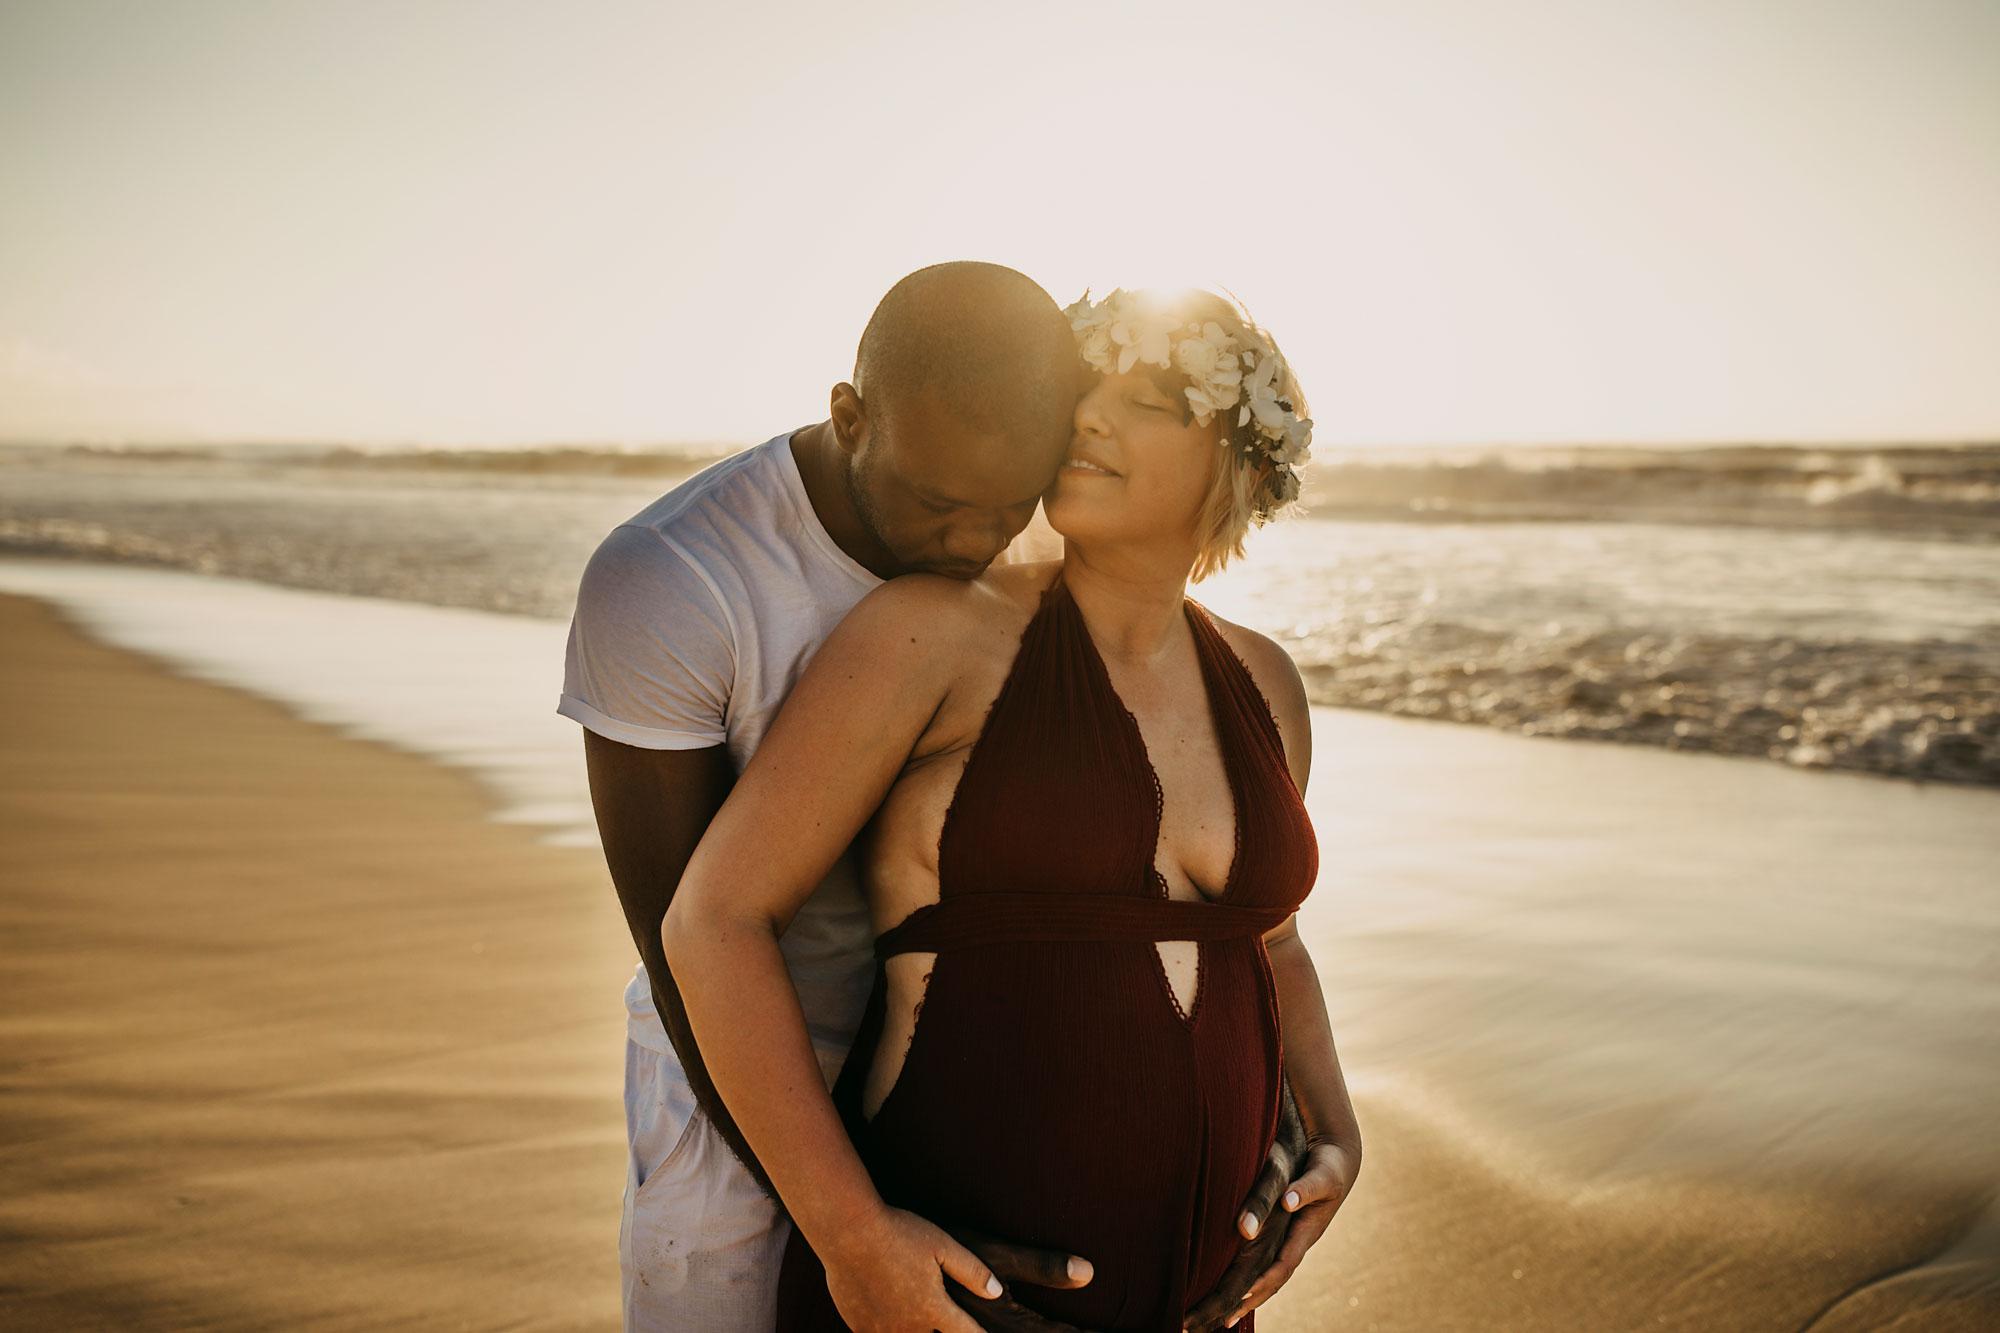 Kauai-Maternity-Photographer-09.jpg